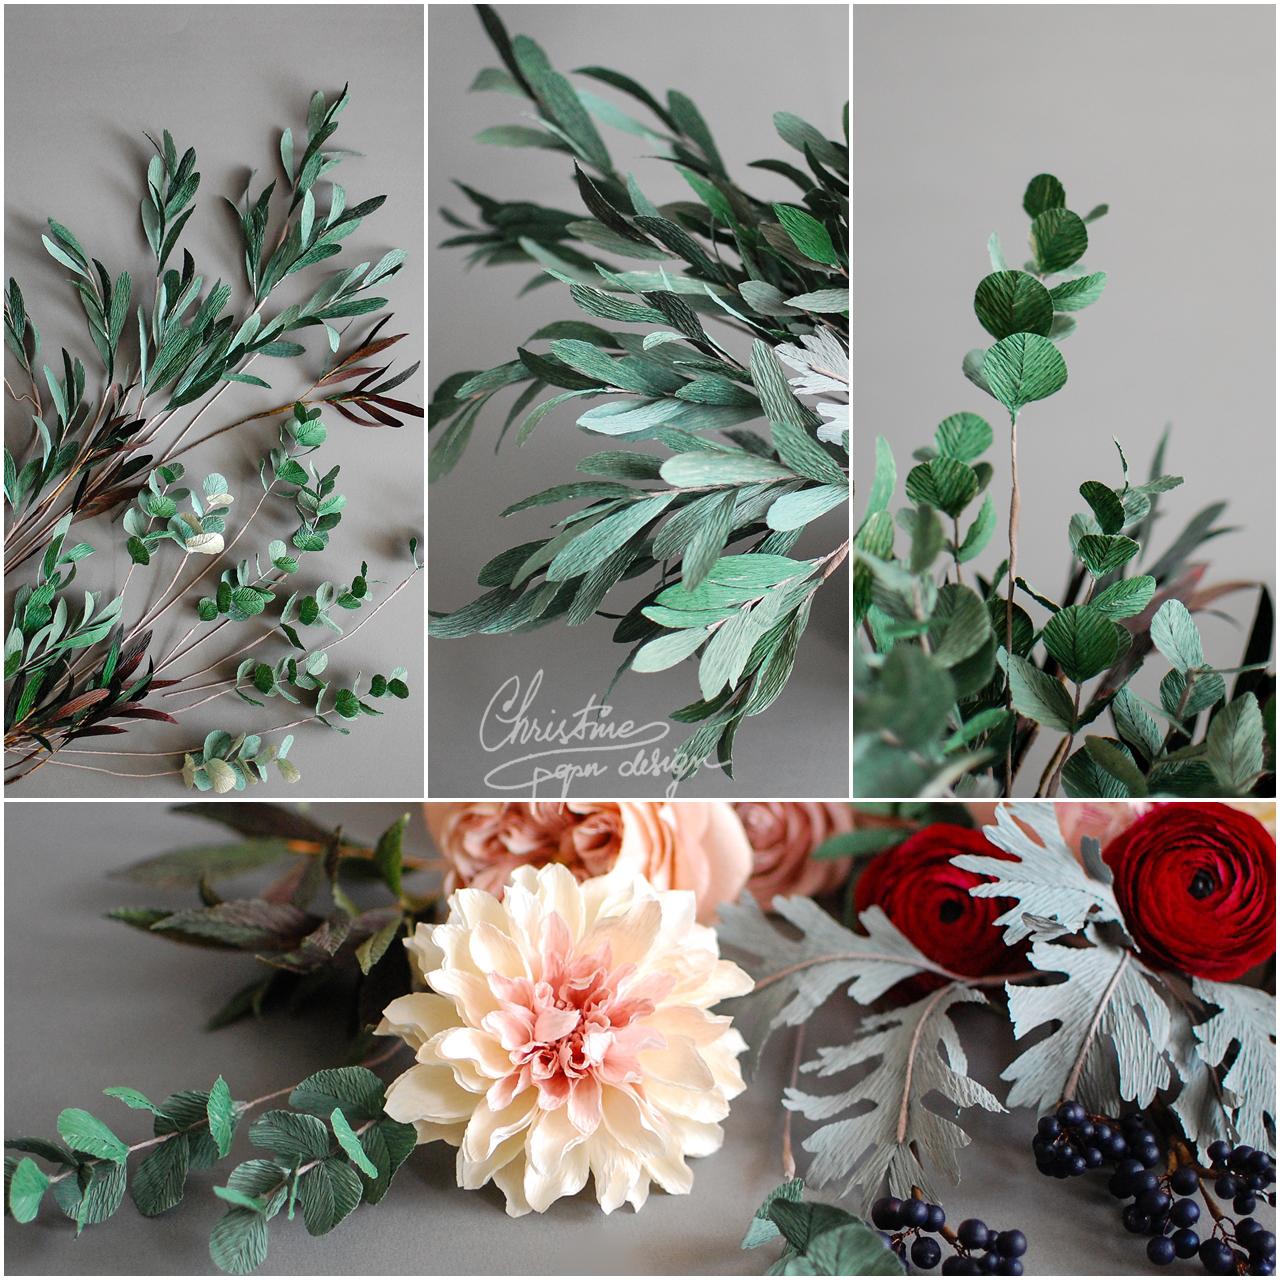 paper greenery - Christinepaperdesign